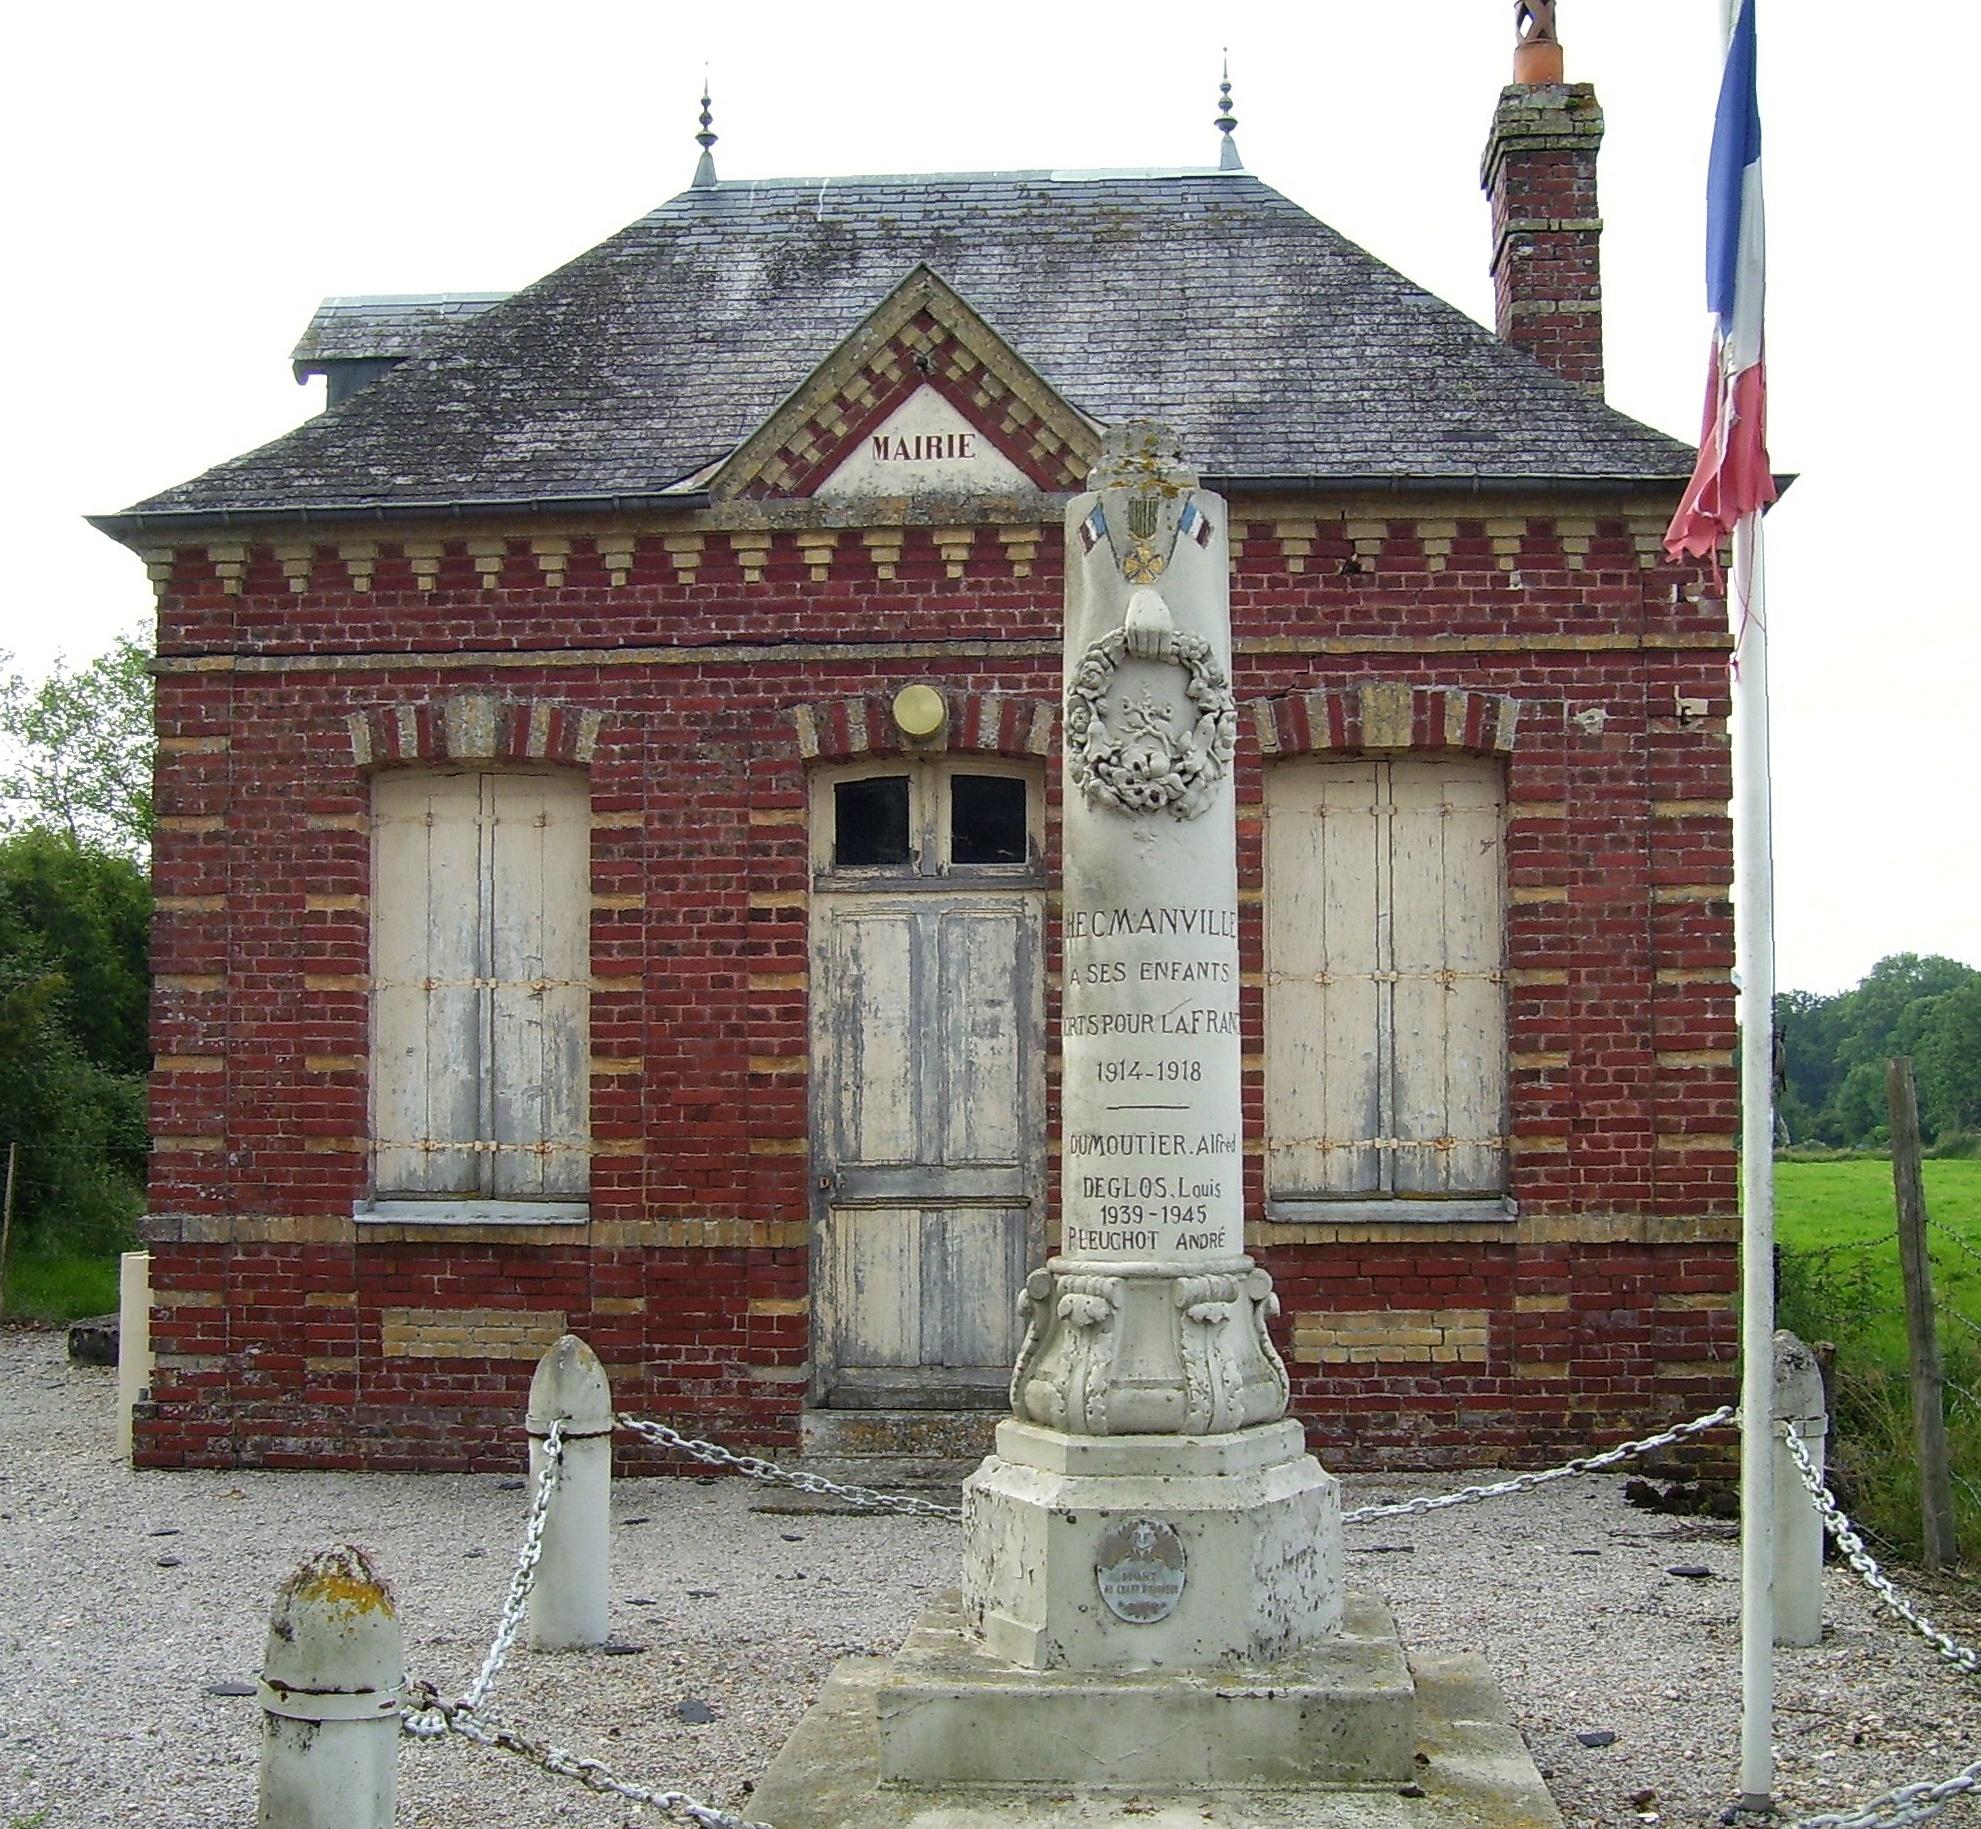 alte Mairie und Kriegerdenkmal in Hecmanville, eigenes Foto, Lizenz:public domain/gemeinfrei